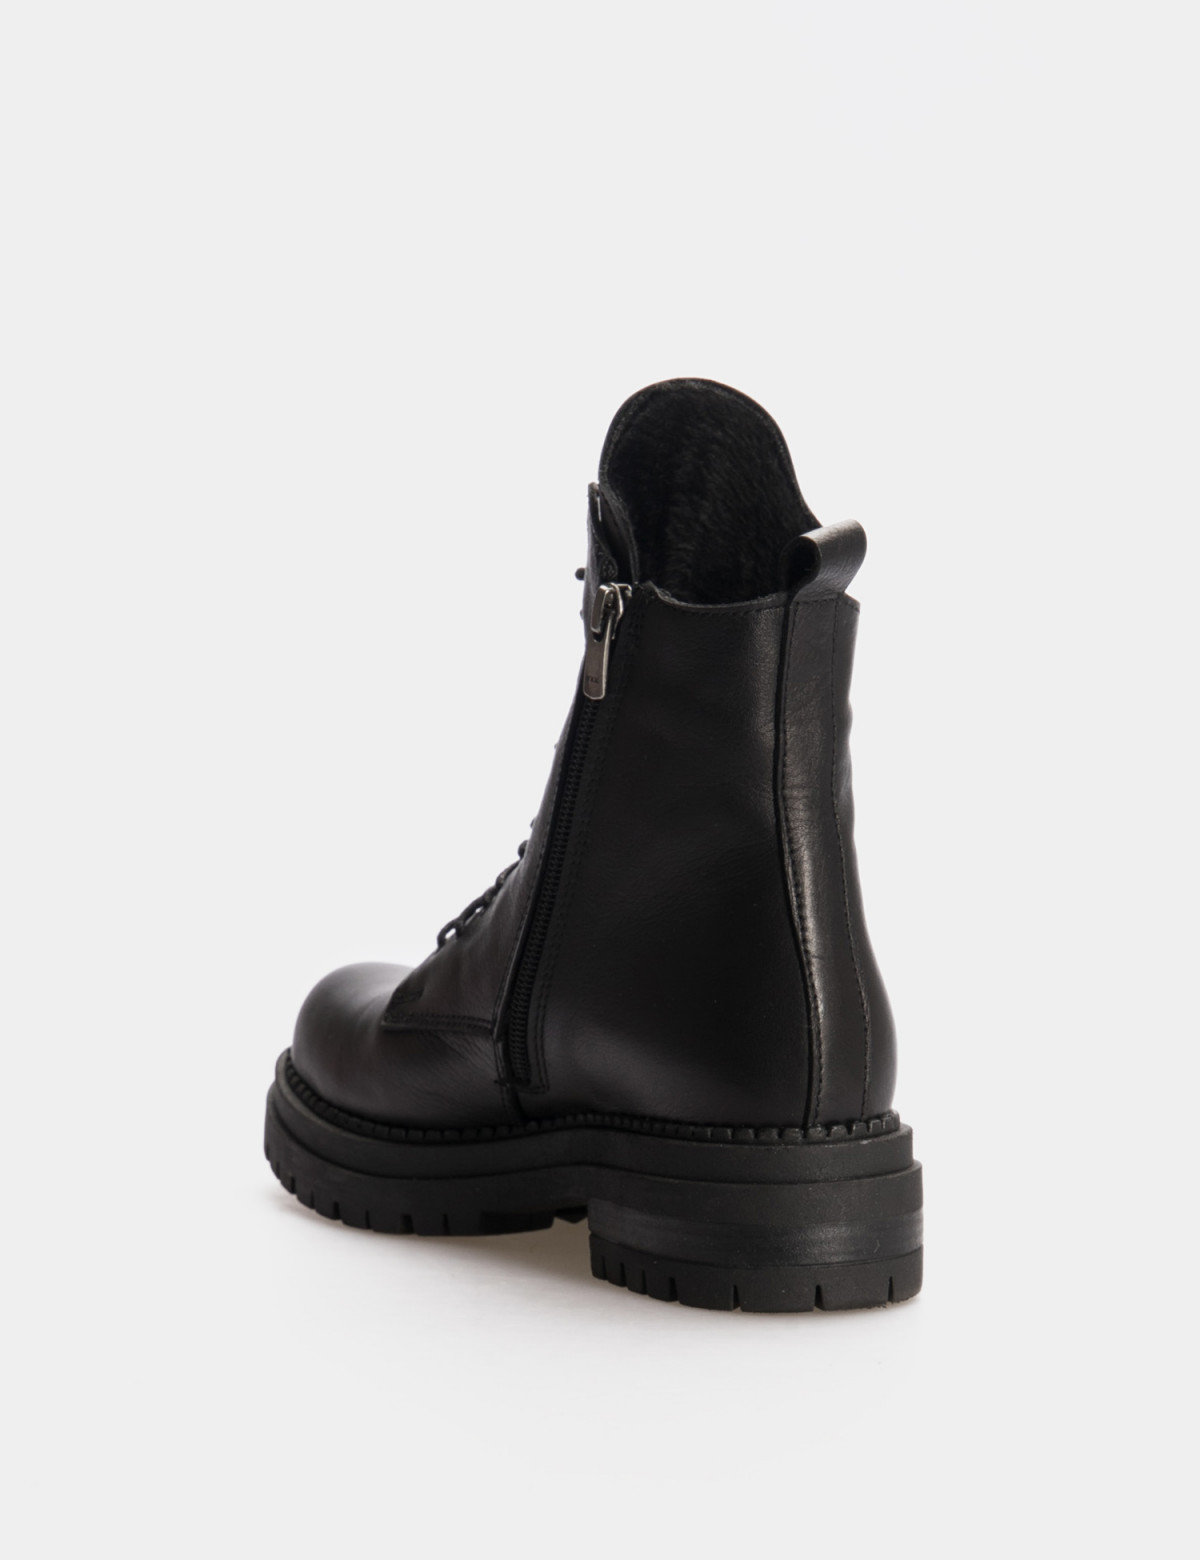 Ботинки черные. Натуральная кожа. Шерсть2